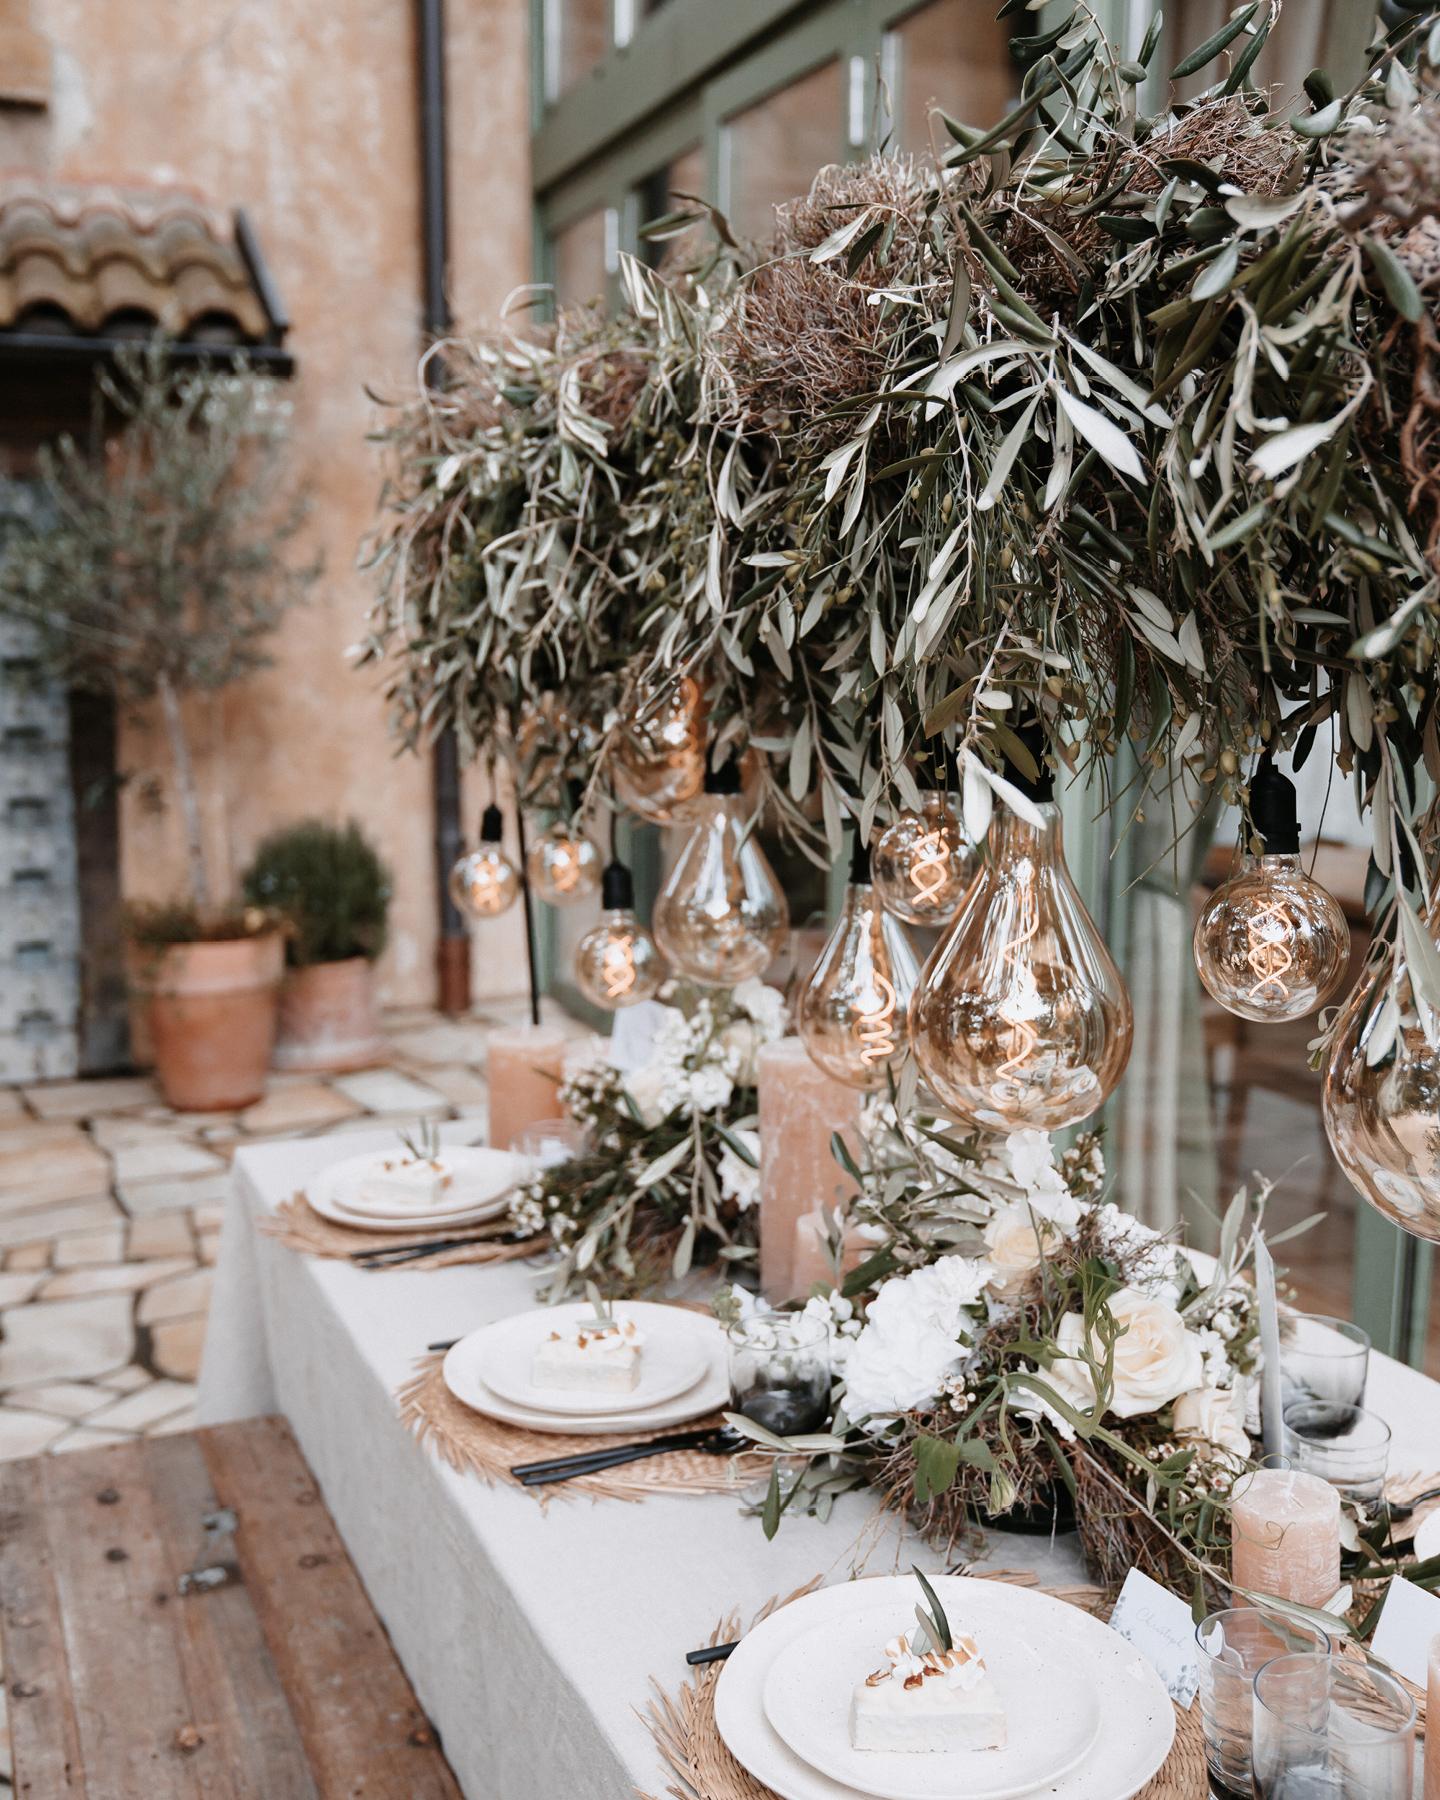 Die Hochzeitstafel ist dekoriert mit Euklayptuszweigen, weißen Blüten und einer Lichterkette im Boho Stil.